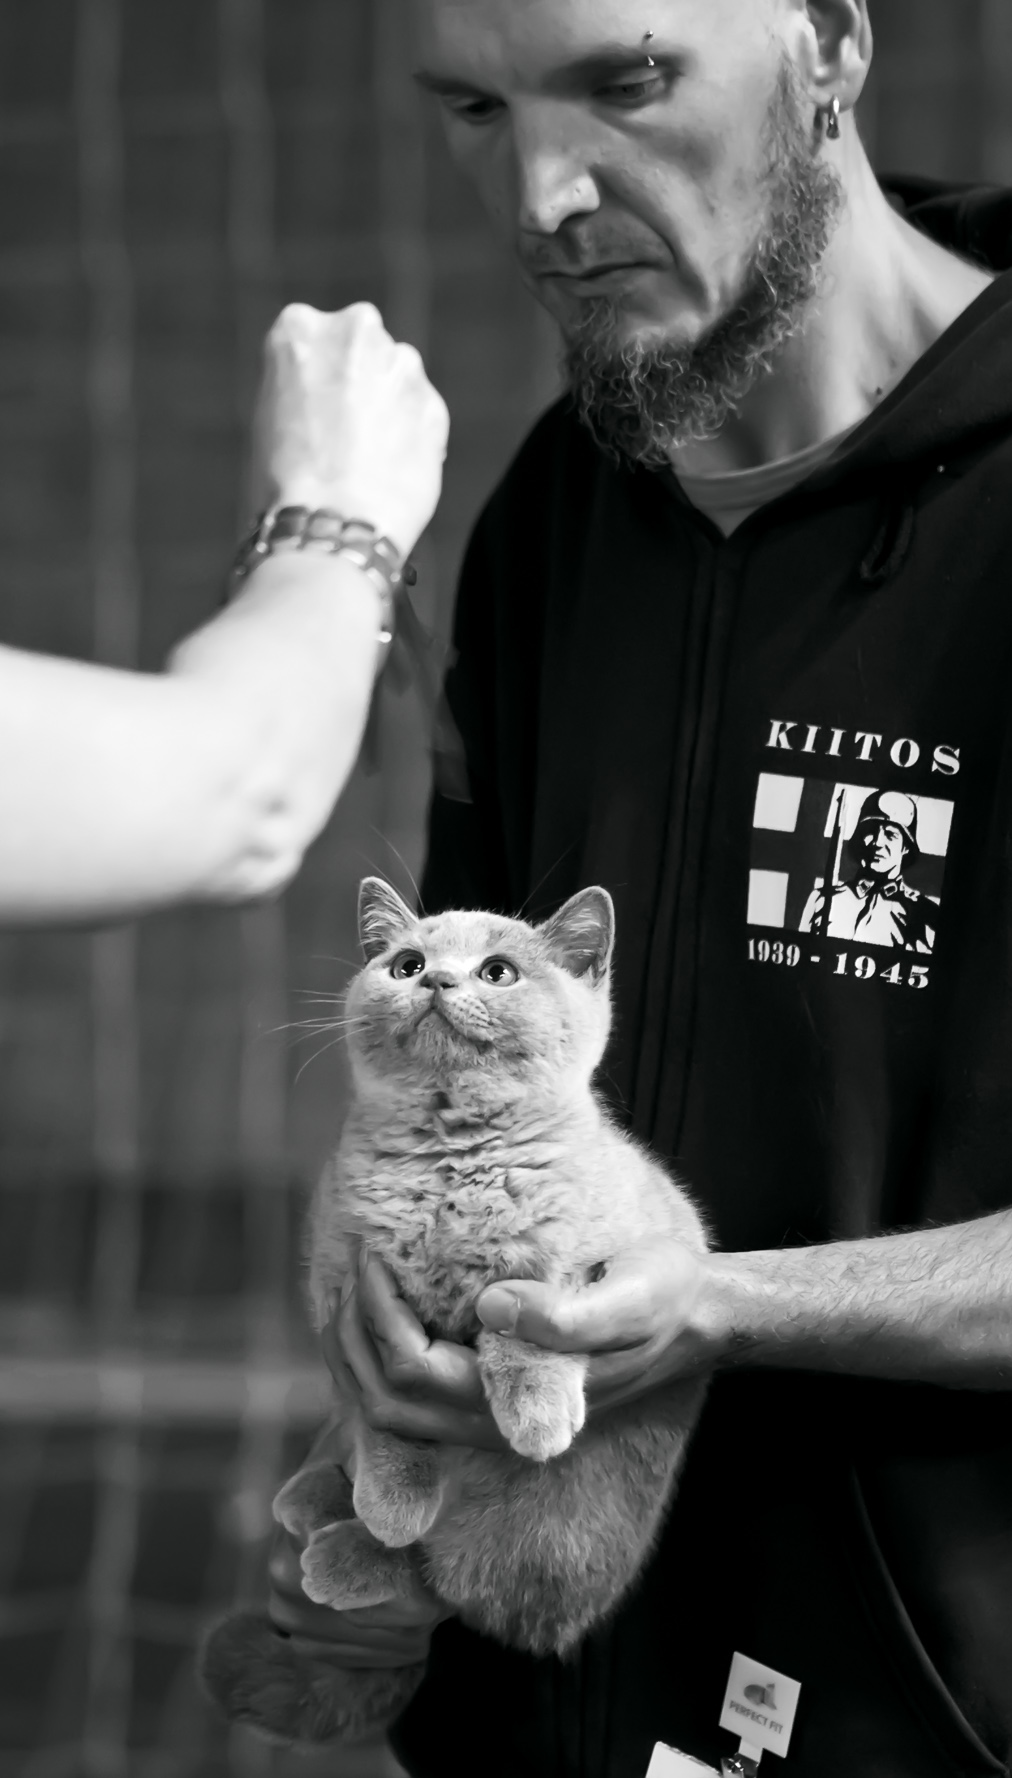 Rhinestone's Angus Young [BRI a], kuva 211033, 24.8.2013